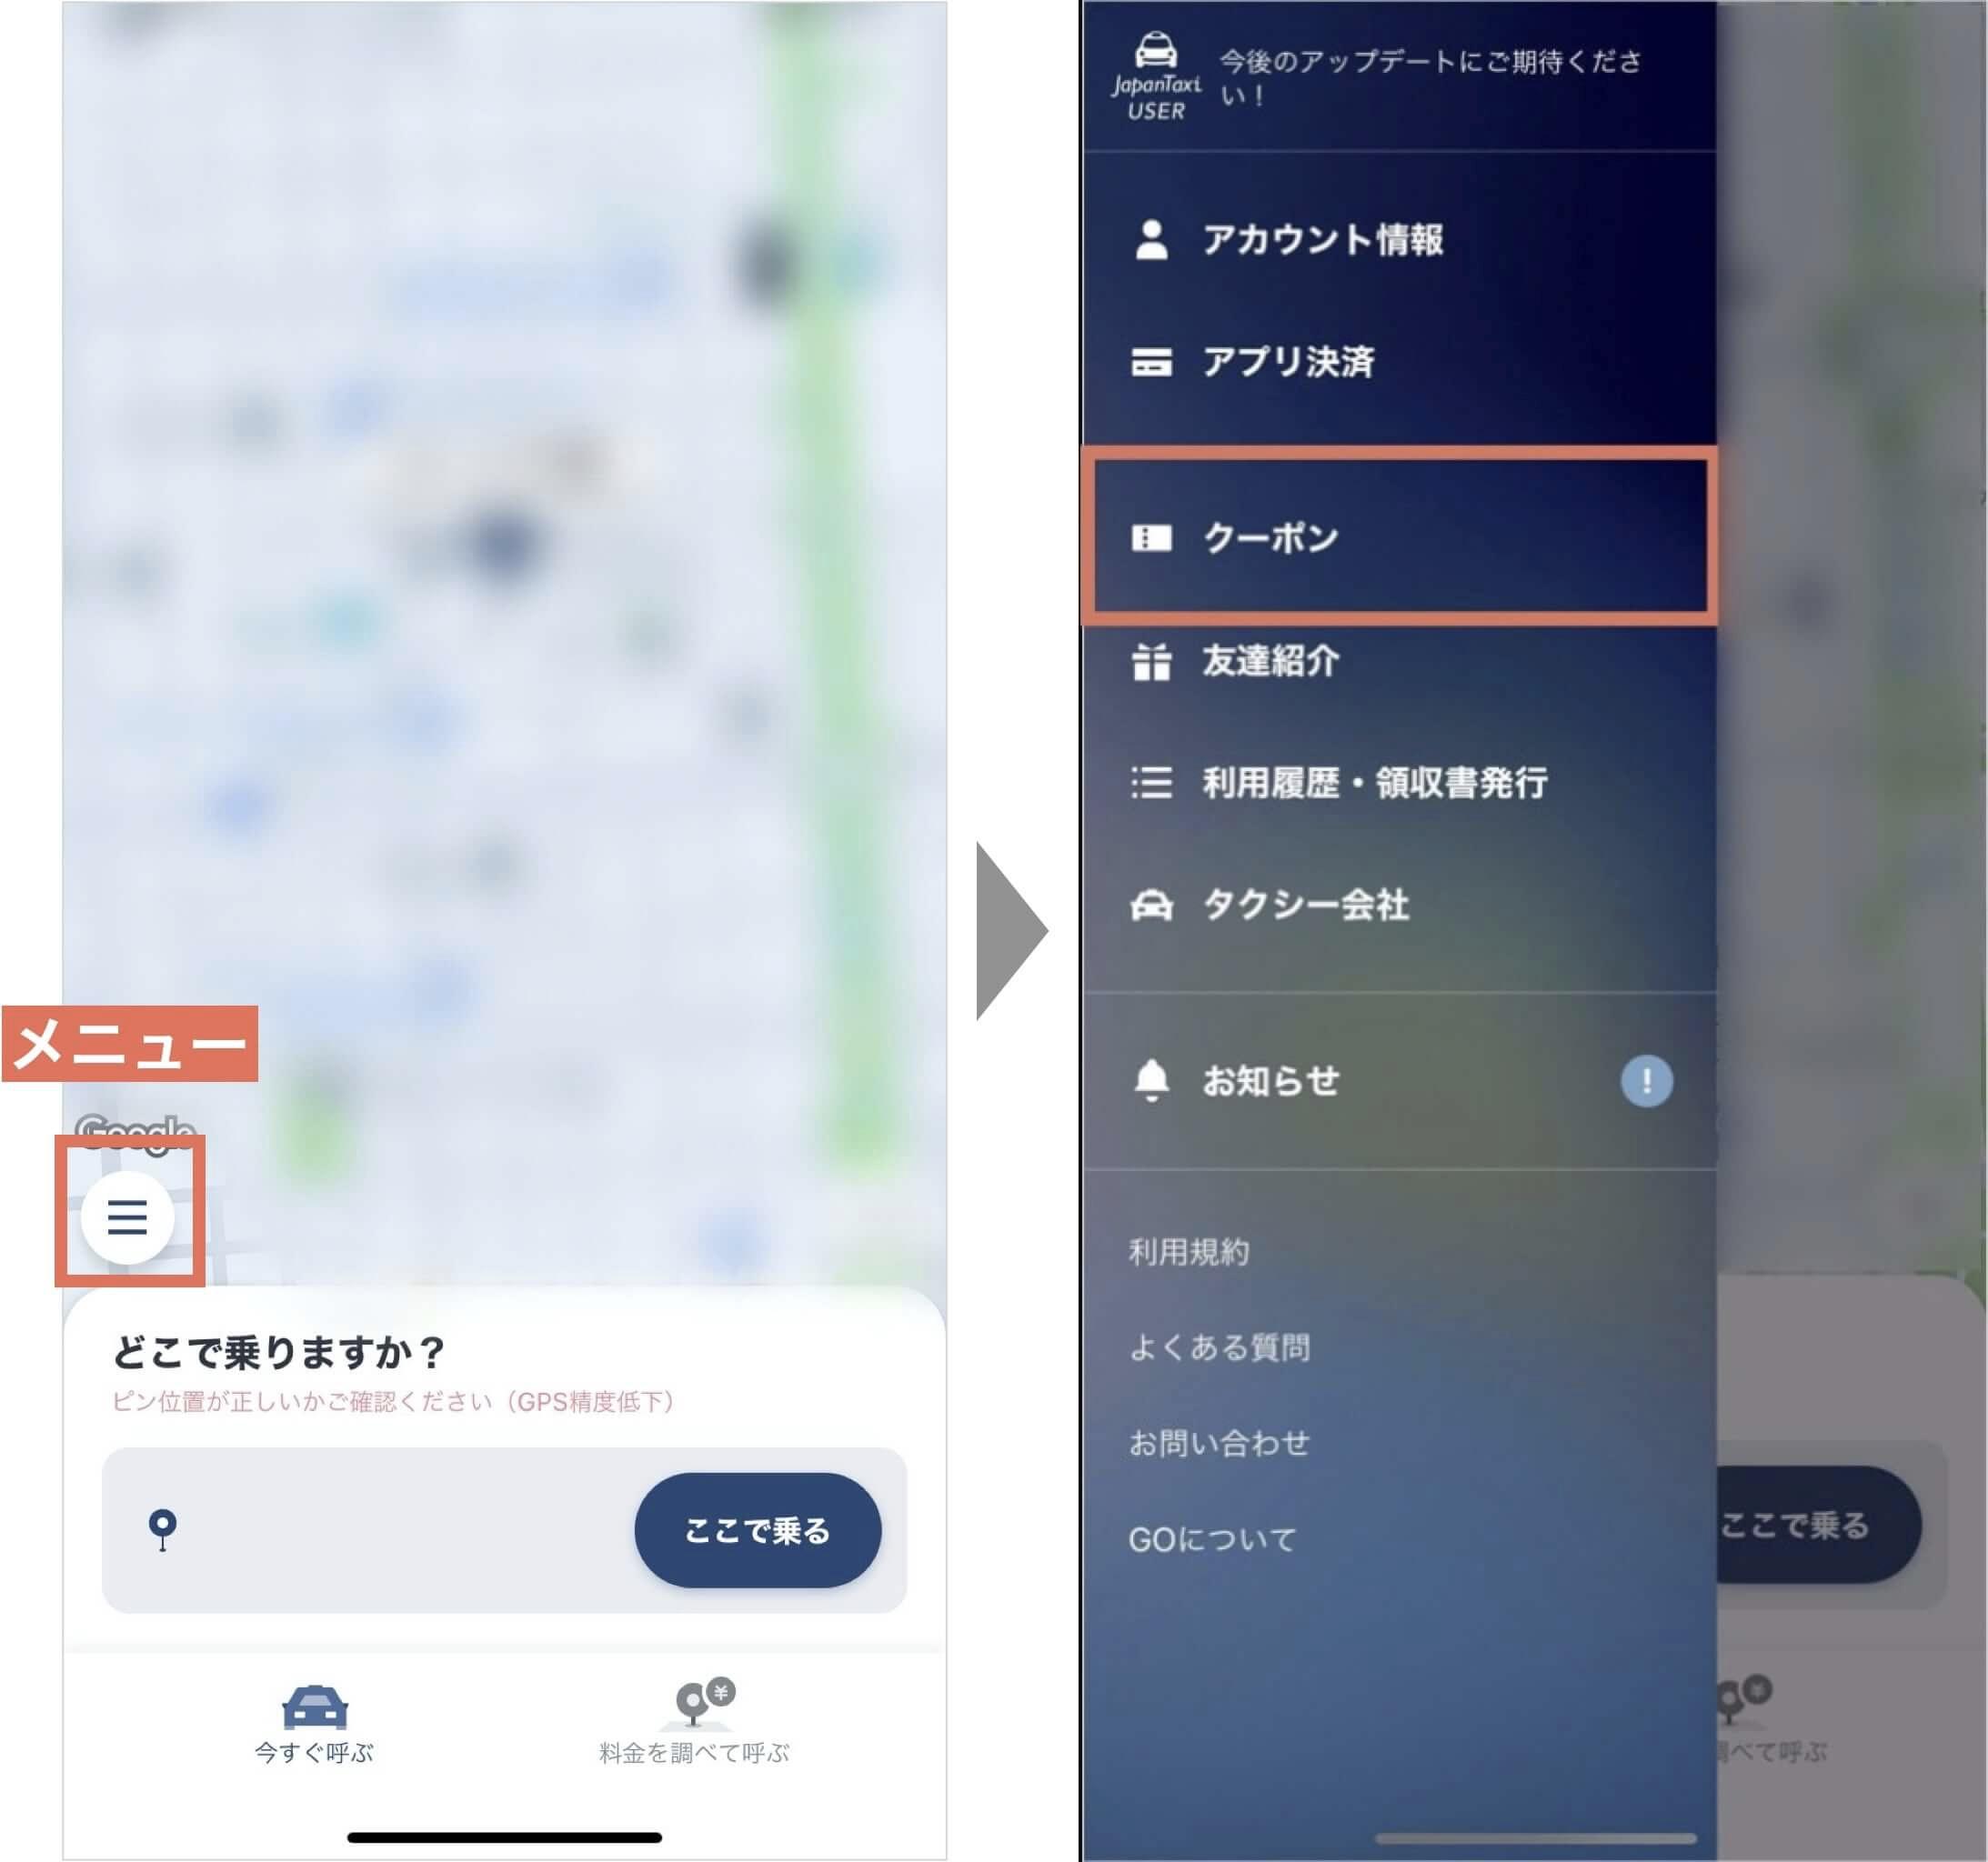 タクシーアプリGO(ゴー)の使い方と最新クーポン情報